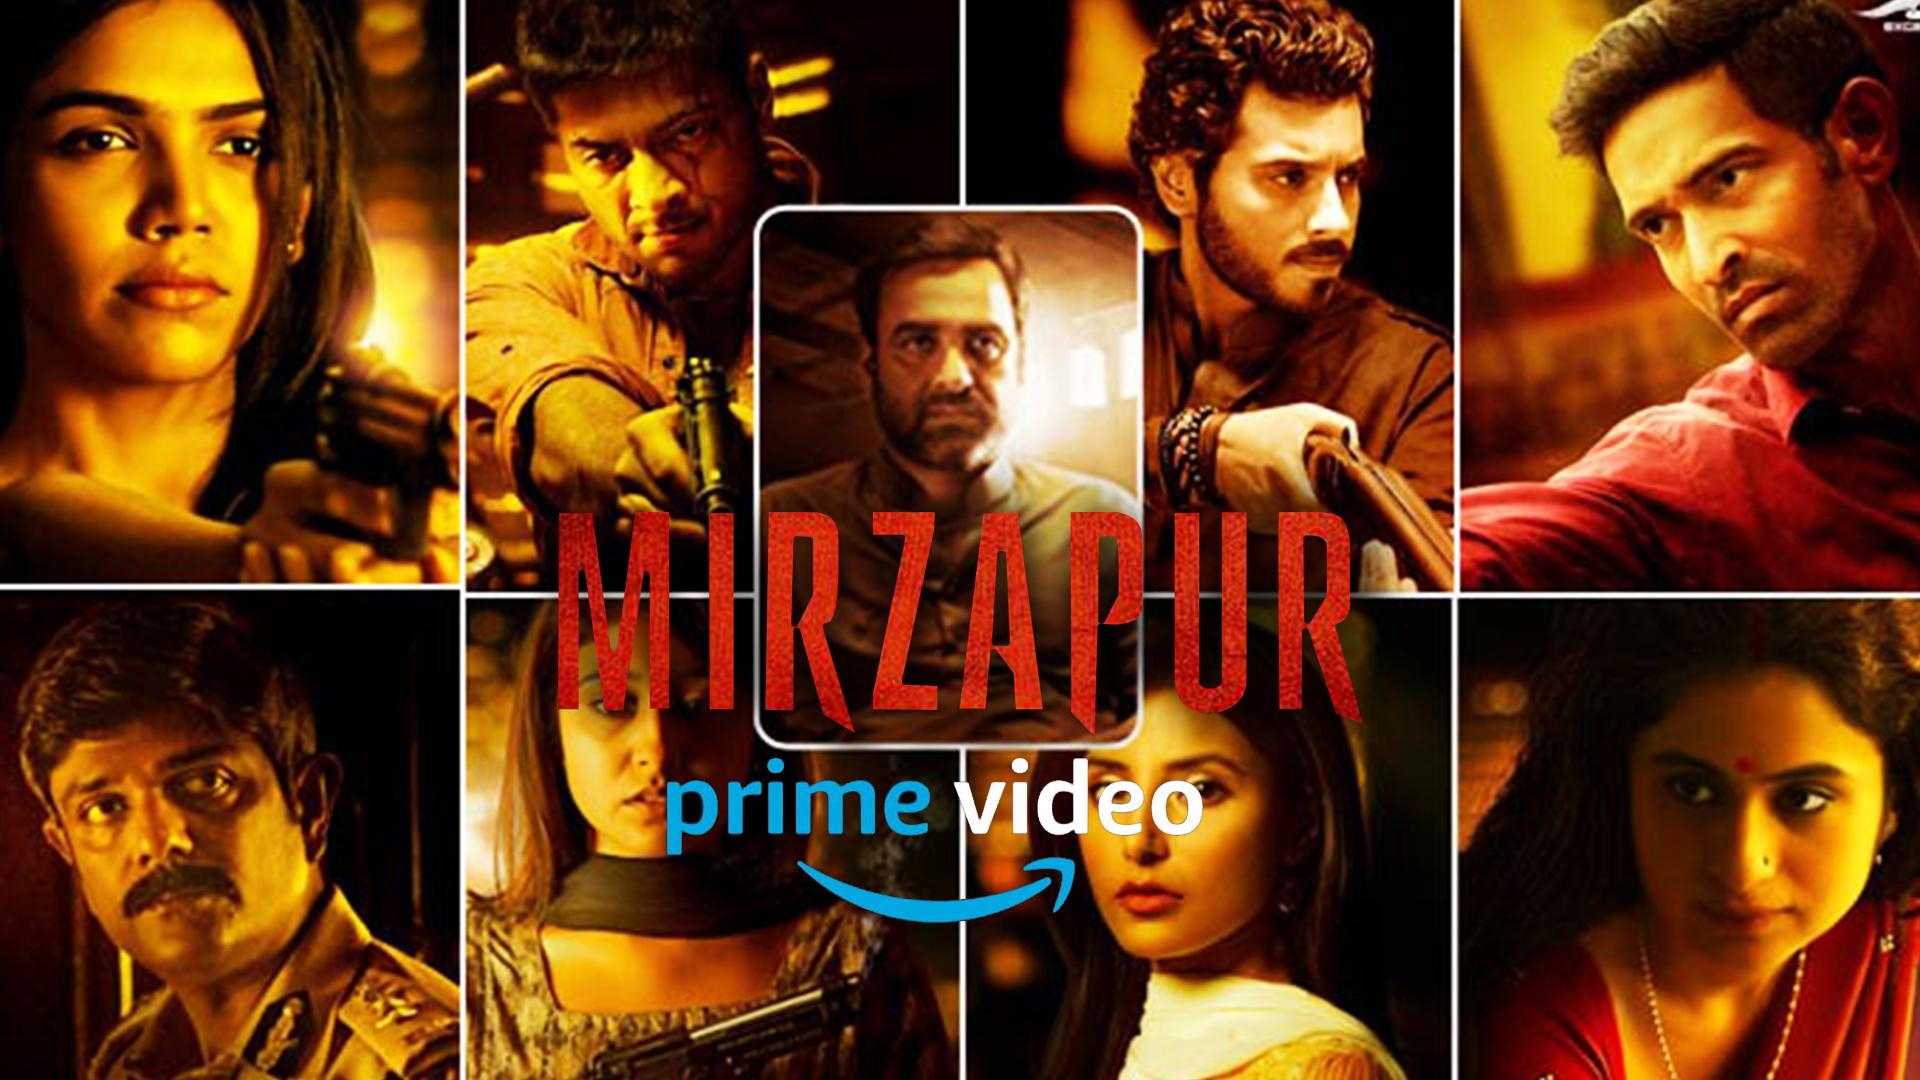 mirzapur amazon prime video download